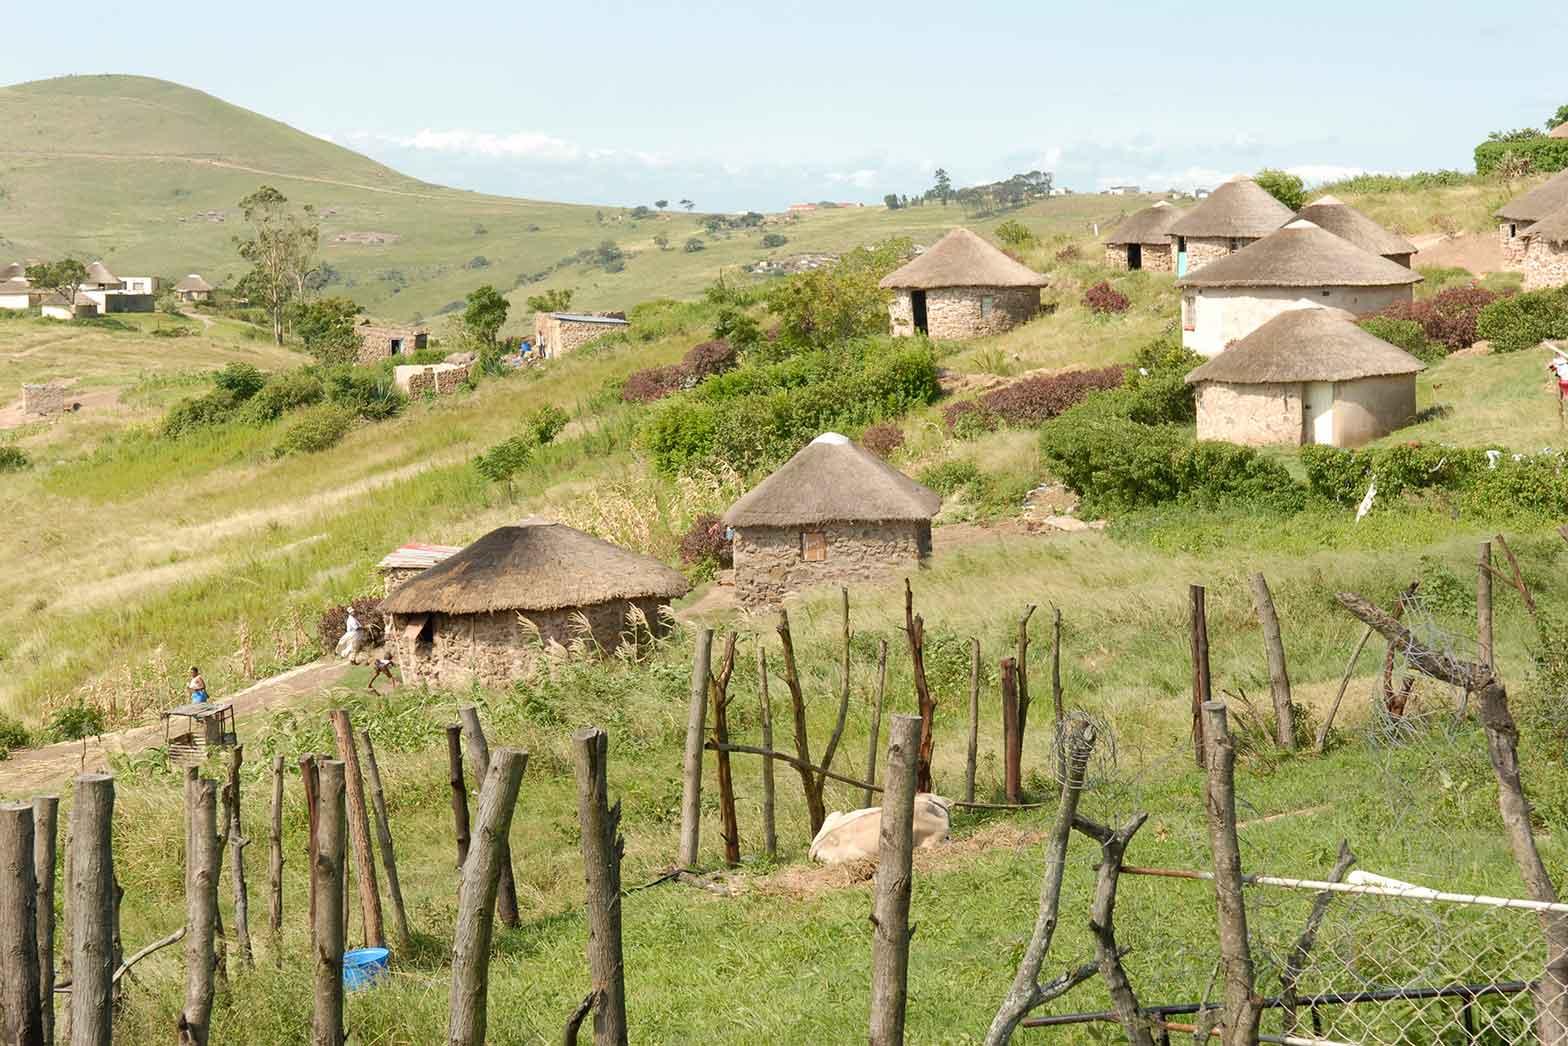 Zulu Village - Kwazulu Natal Province